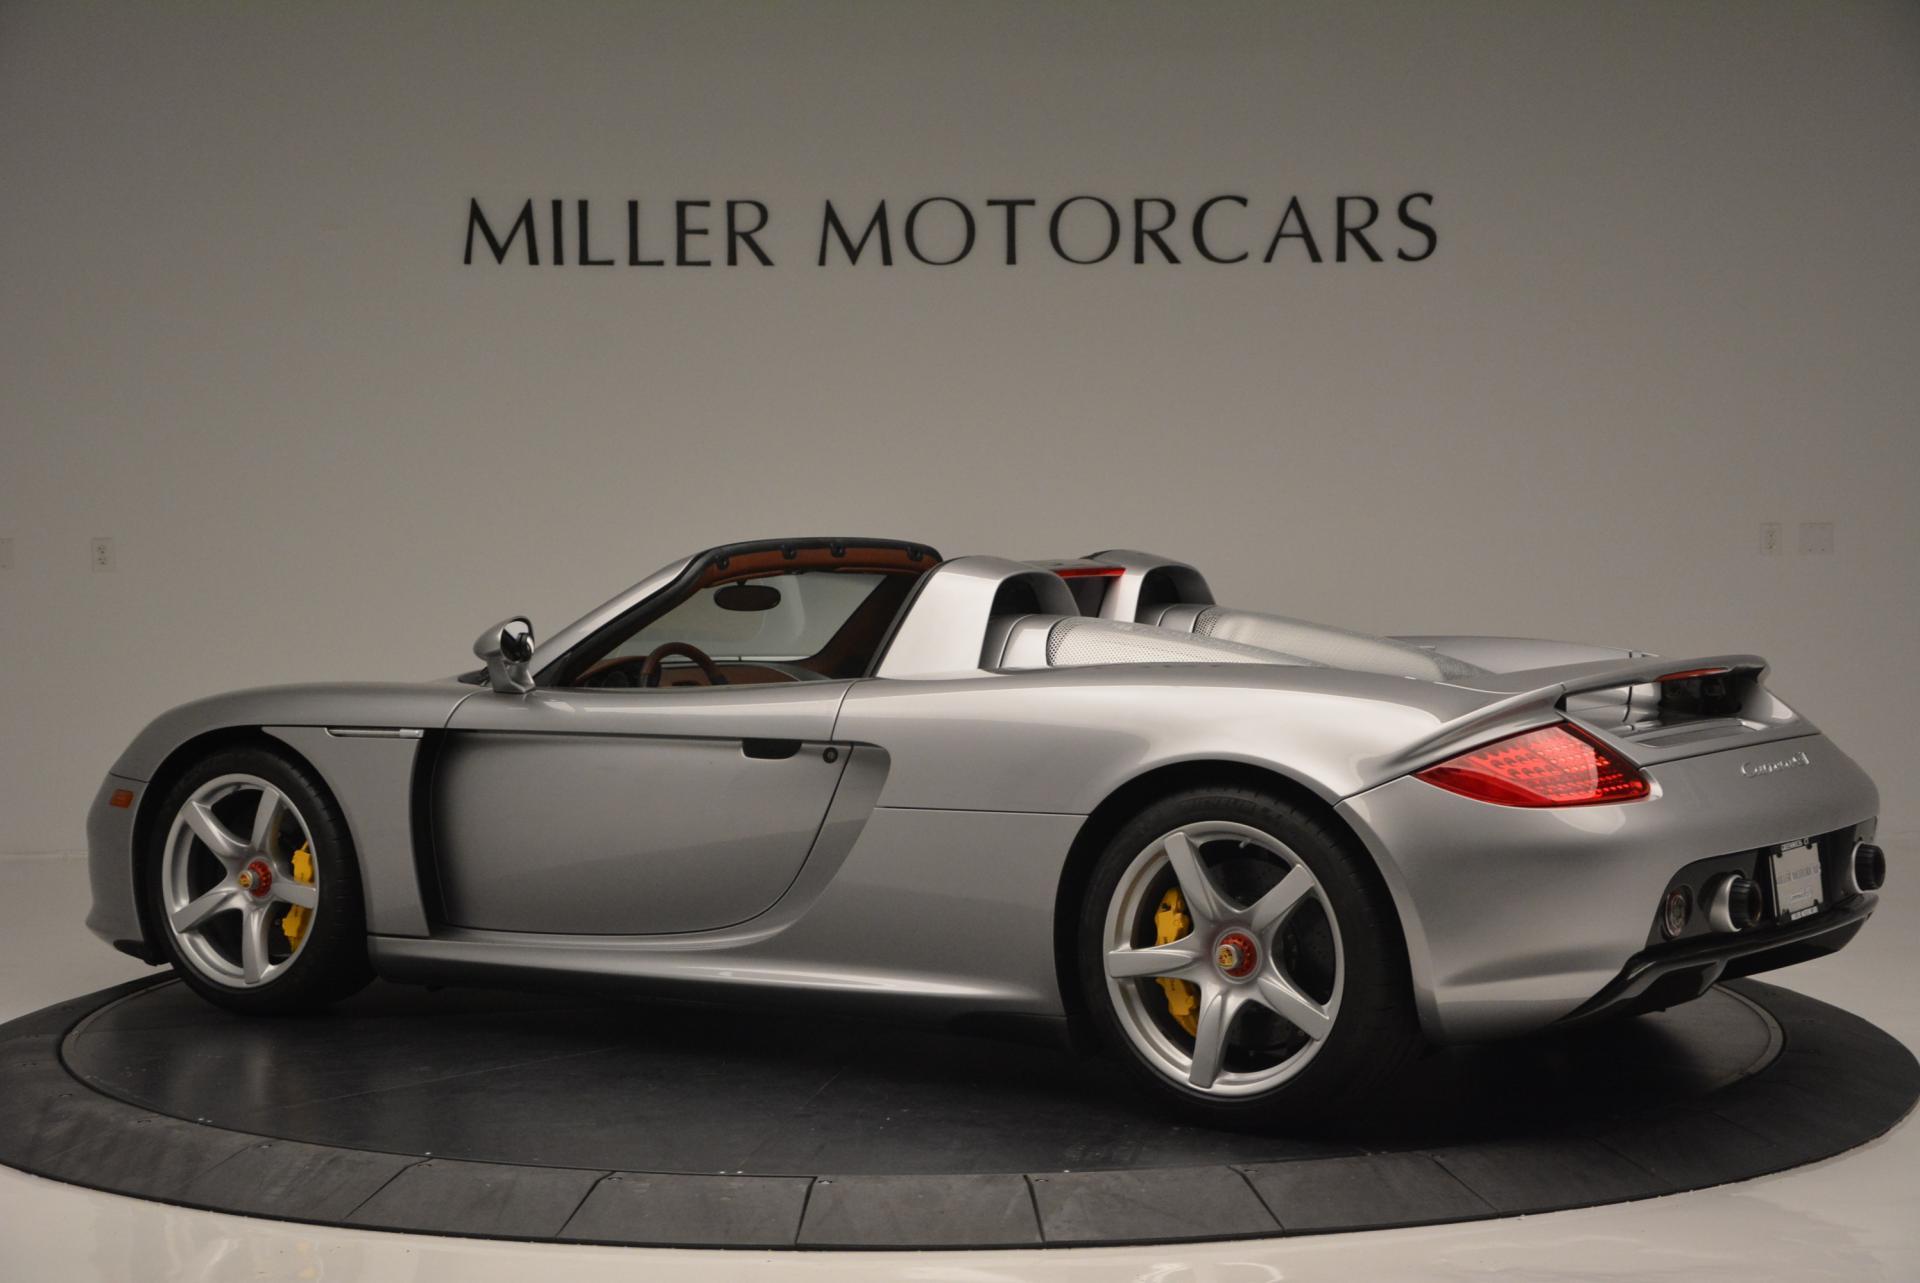 Used 2005 Porsche Carrera GT  For Sale In Greenwich, CT. Alfa Romeo of Greenwich, 7114 108_p5